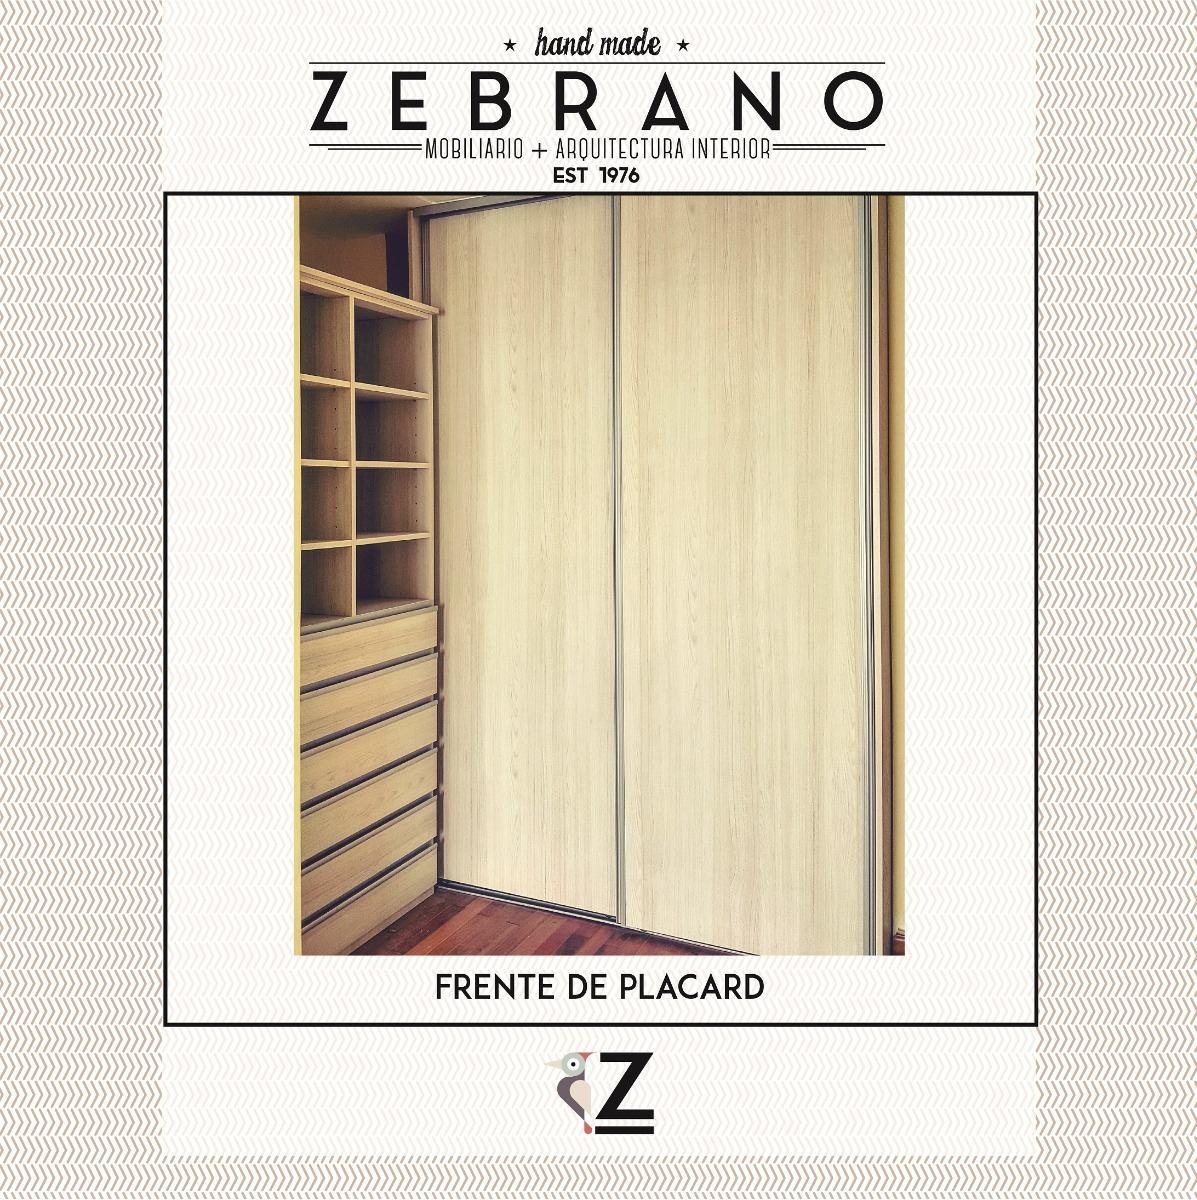 Fabricantes | Frente De Placard A Medida | Zebrano M+a - $ 5.200,00 ...